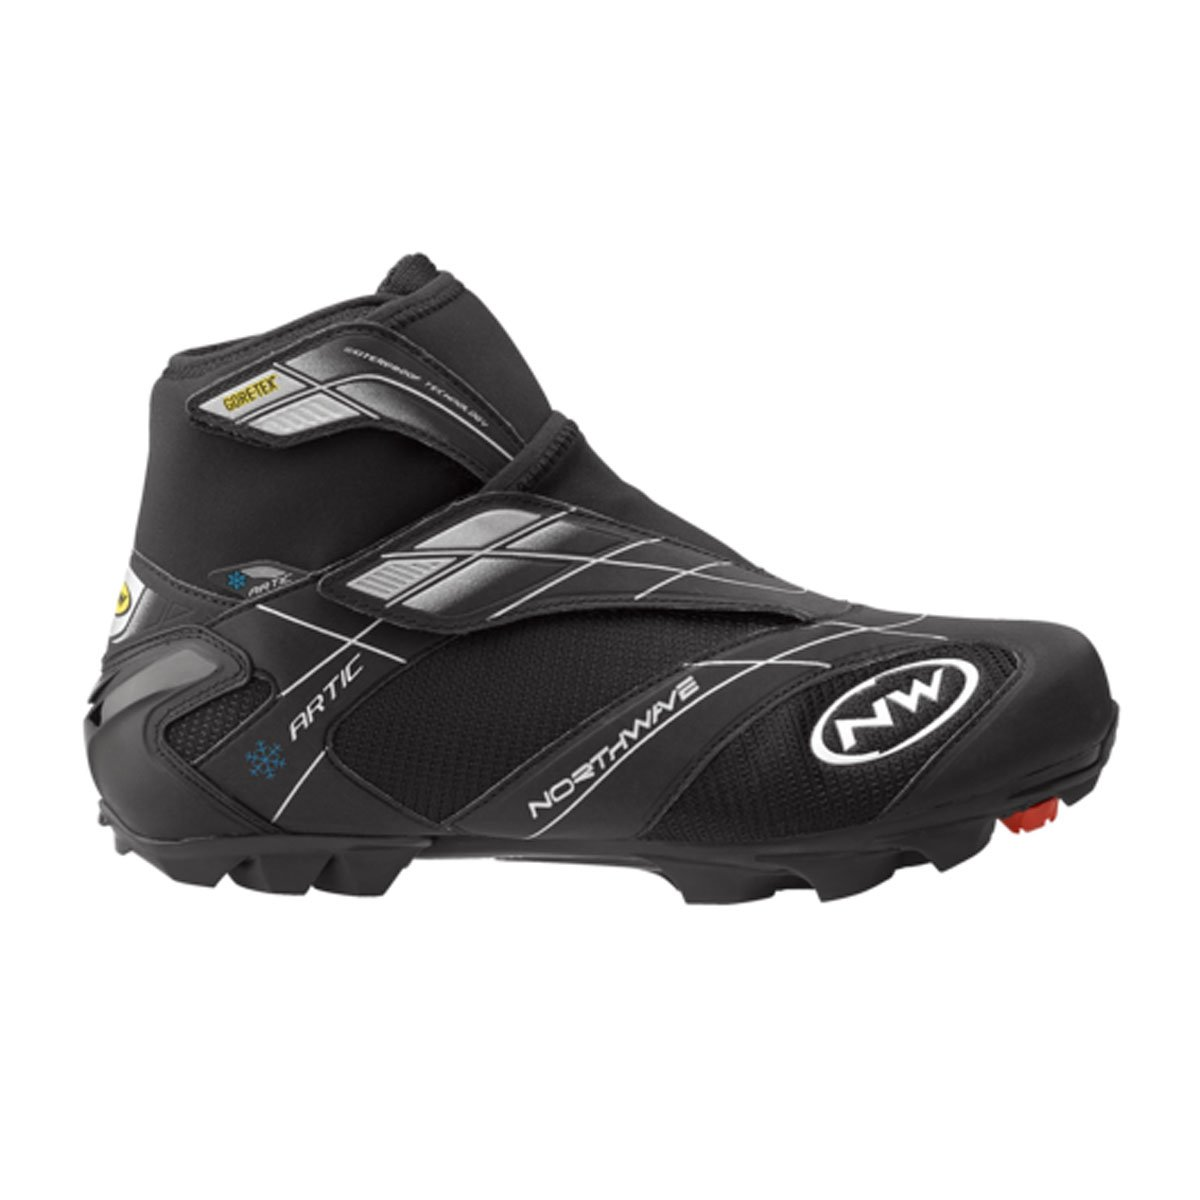 Northwave Celsius Arctic GTX - Zapatillas de deporte (talla 44,5), color negro y azul: Amazon.es: Deportes y aire libre